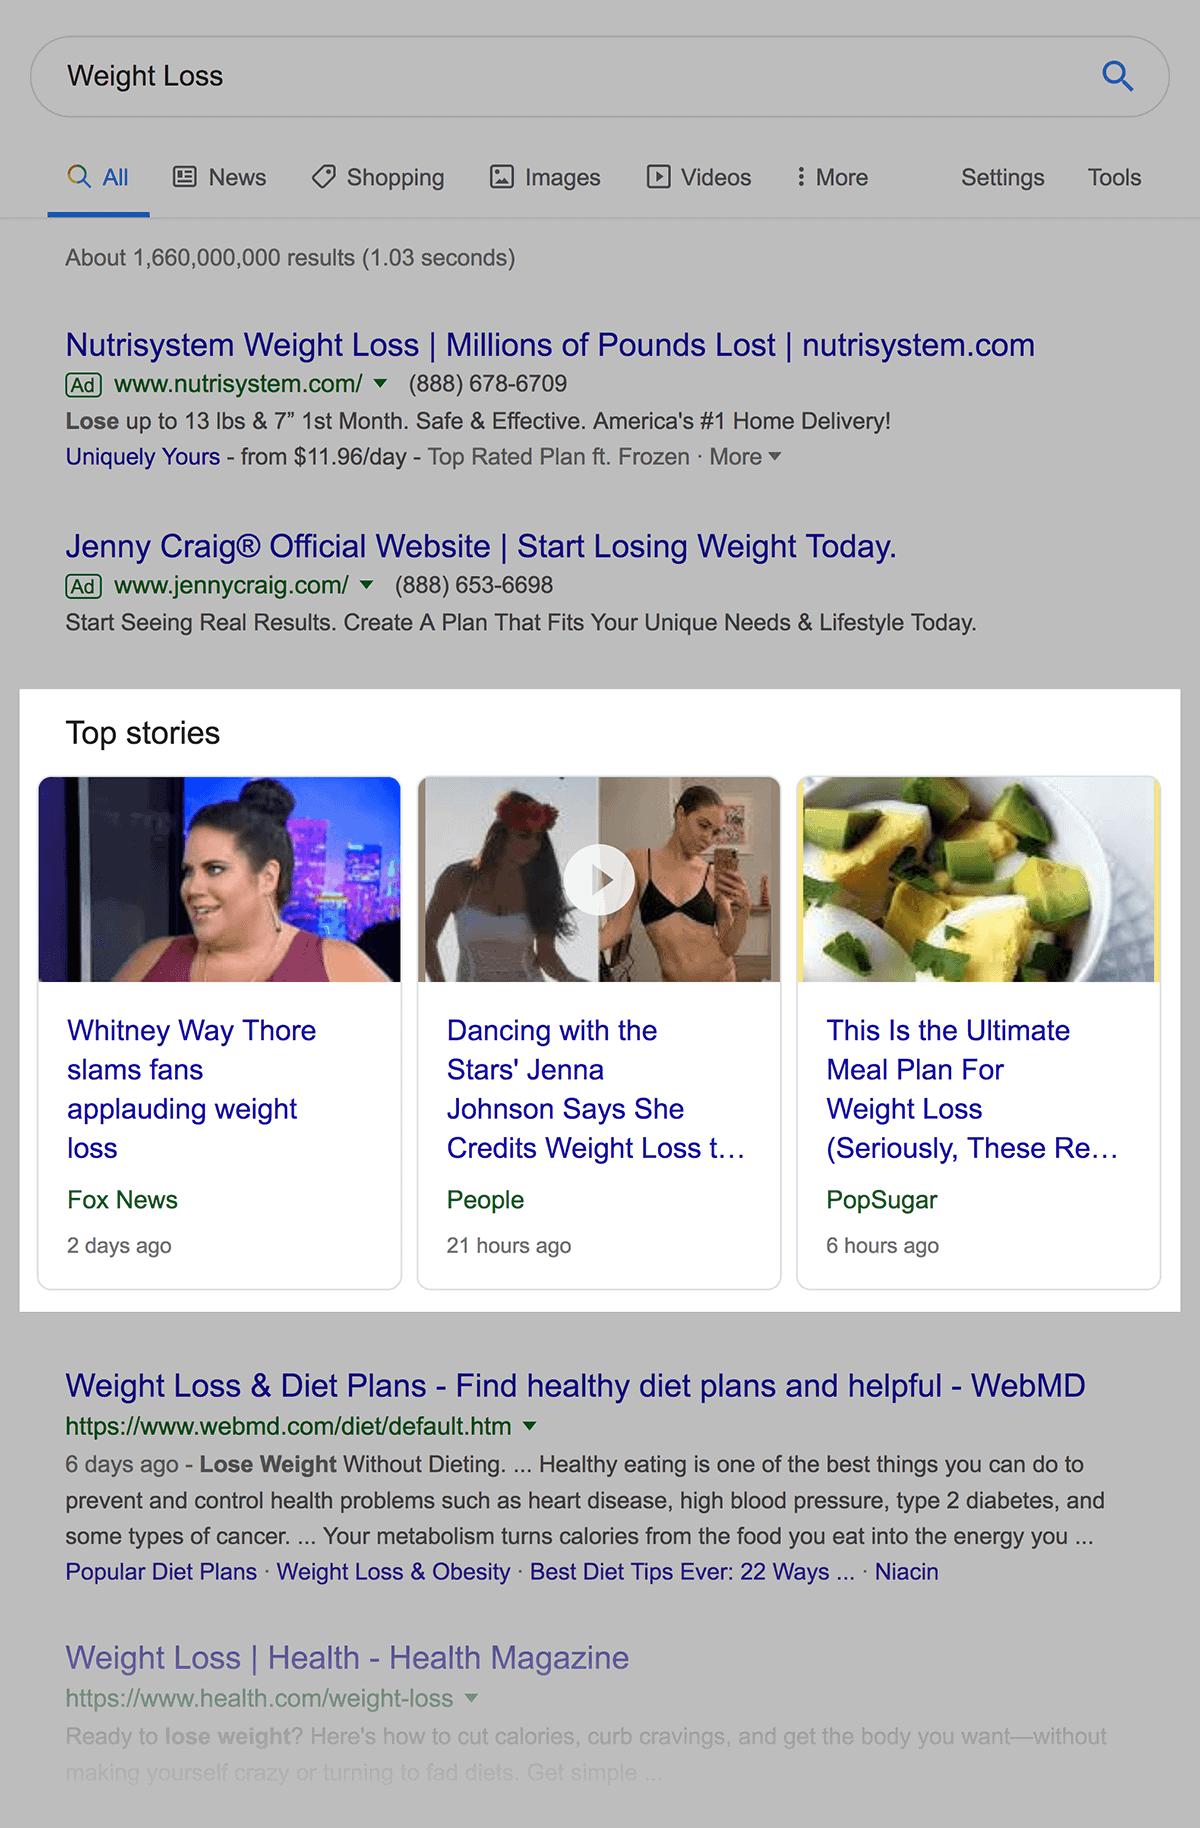 weight loss top stories - 什么是SERP?